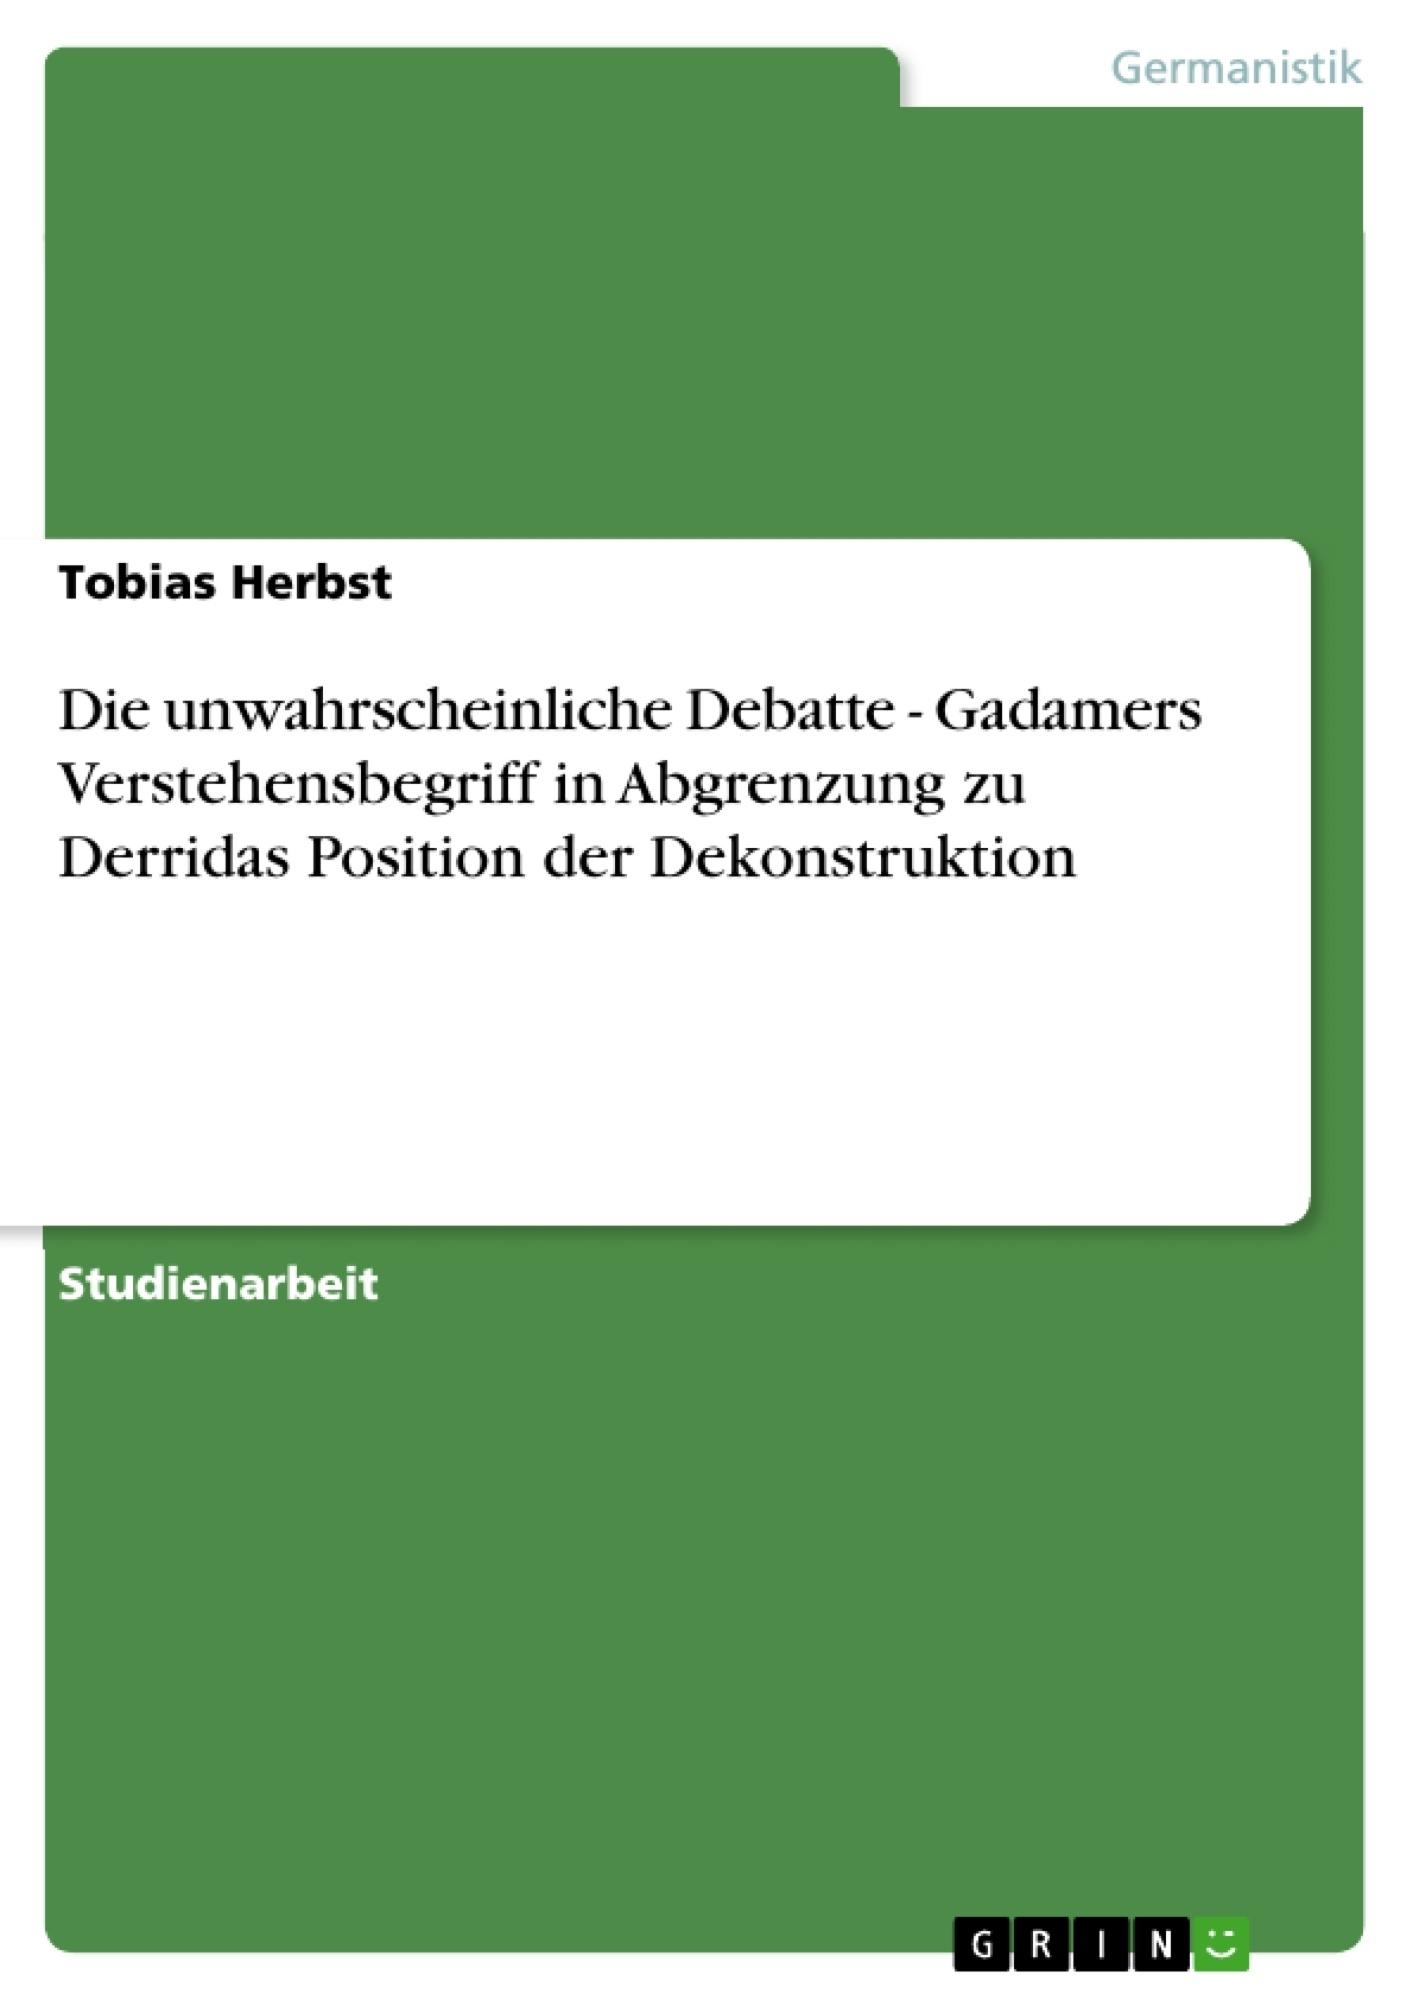 Titel: Die unwahrscheinliche Debatte - Gadamers Verstehensbegriff in Abgrenzung zu Derridas Position der Dekonstruktion